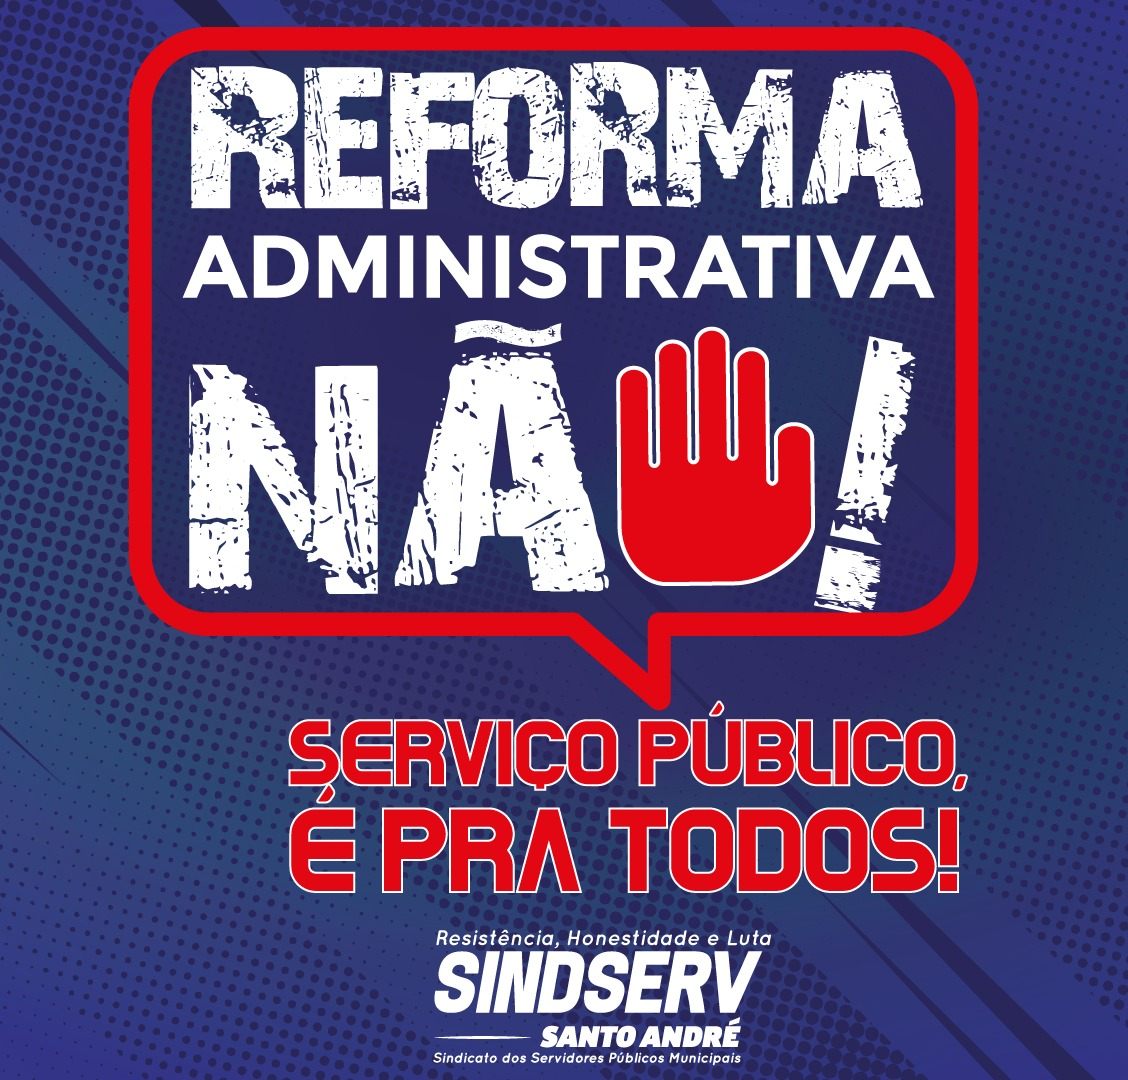 Imagem de Dieese confirma: reforma Administrativa prejudica atuais servidores